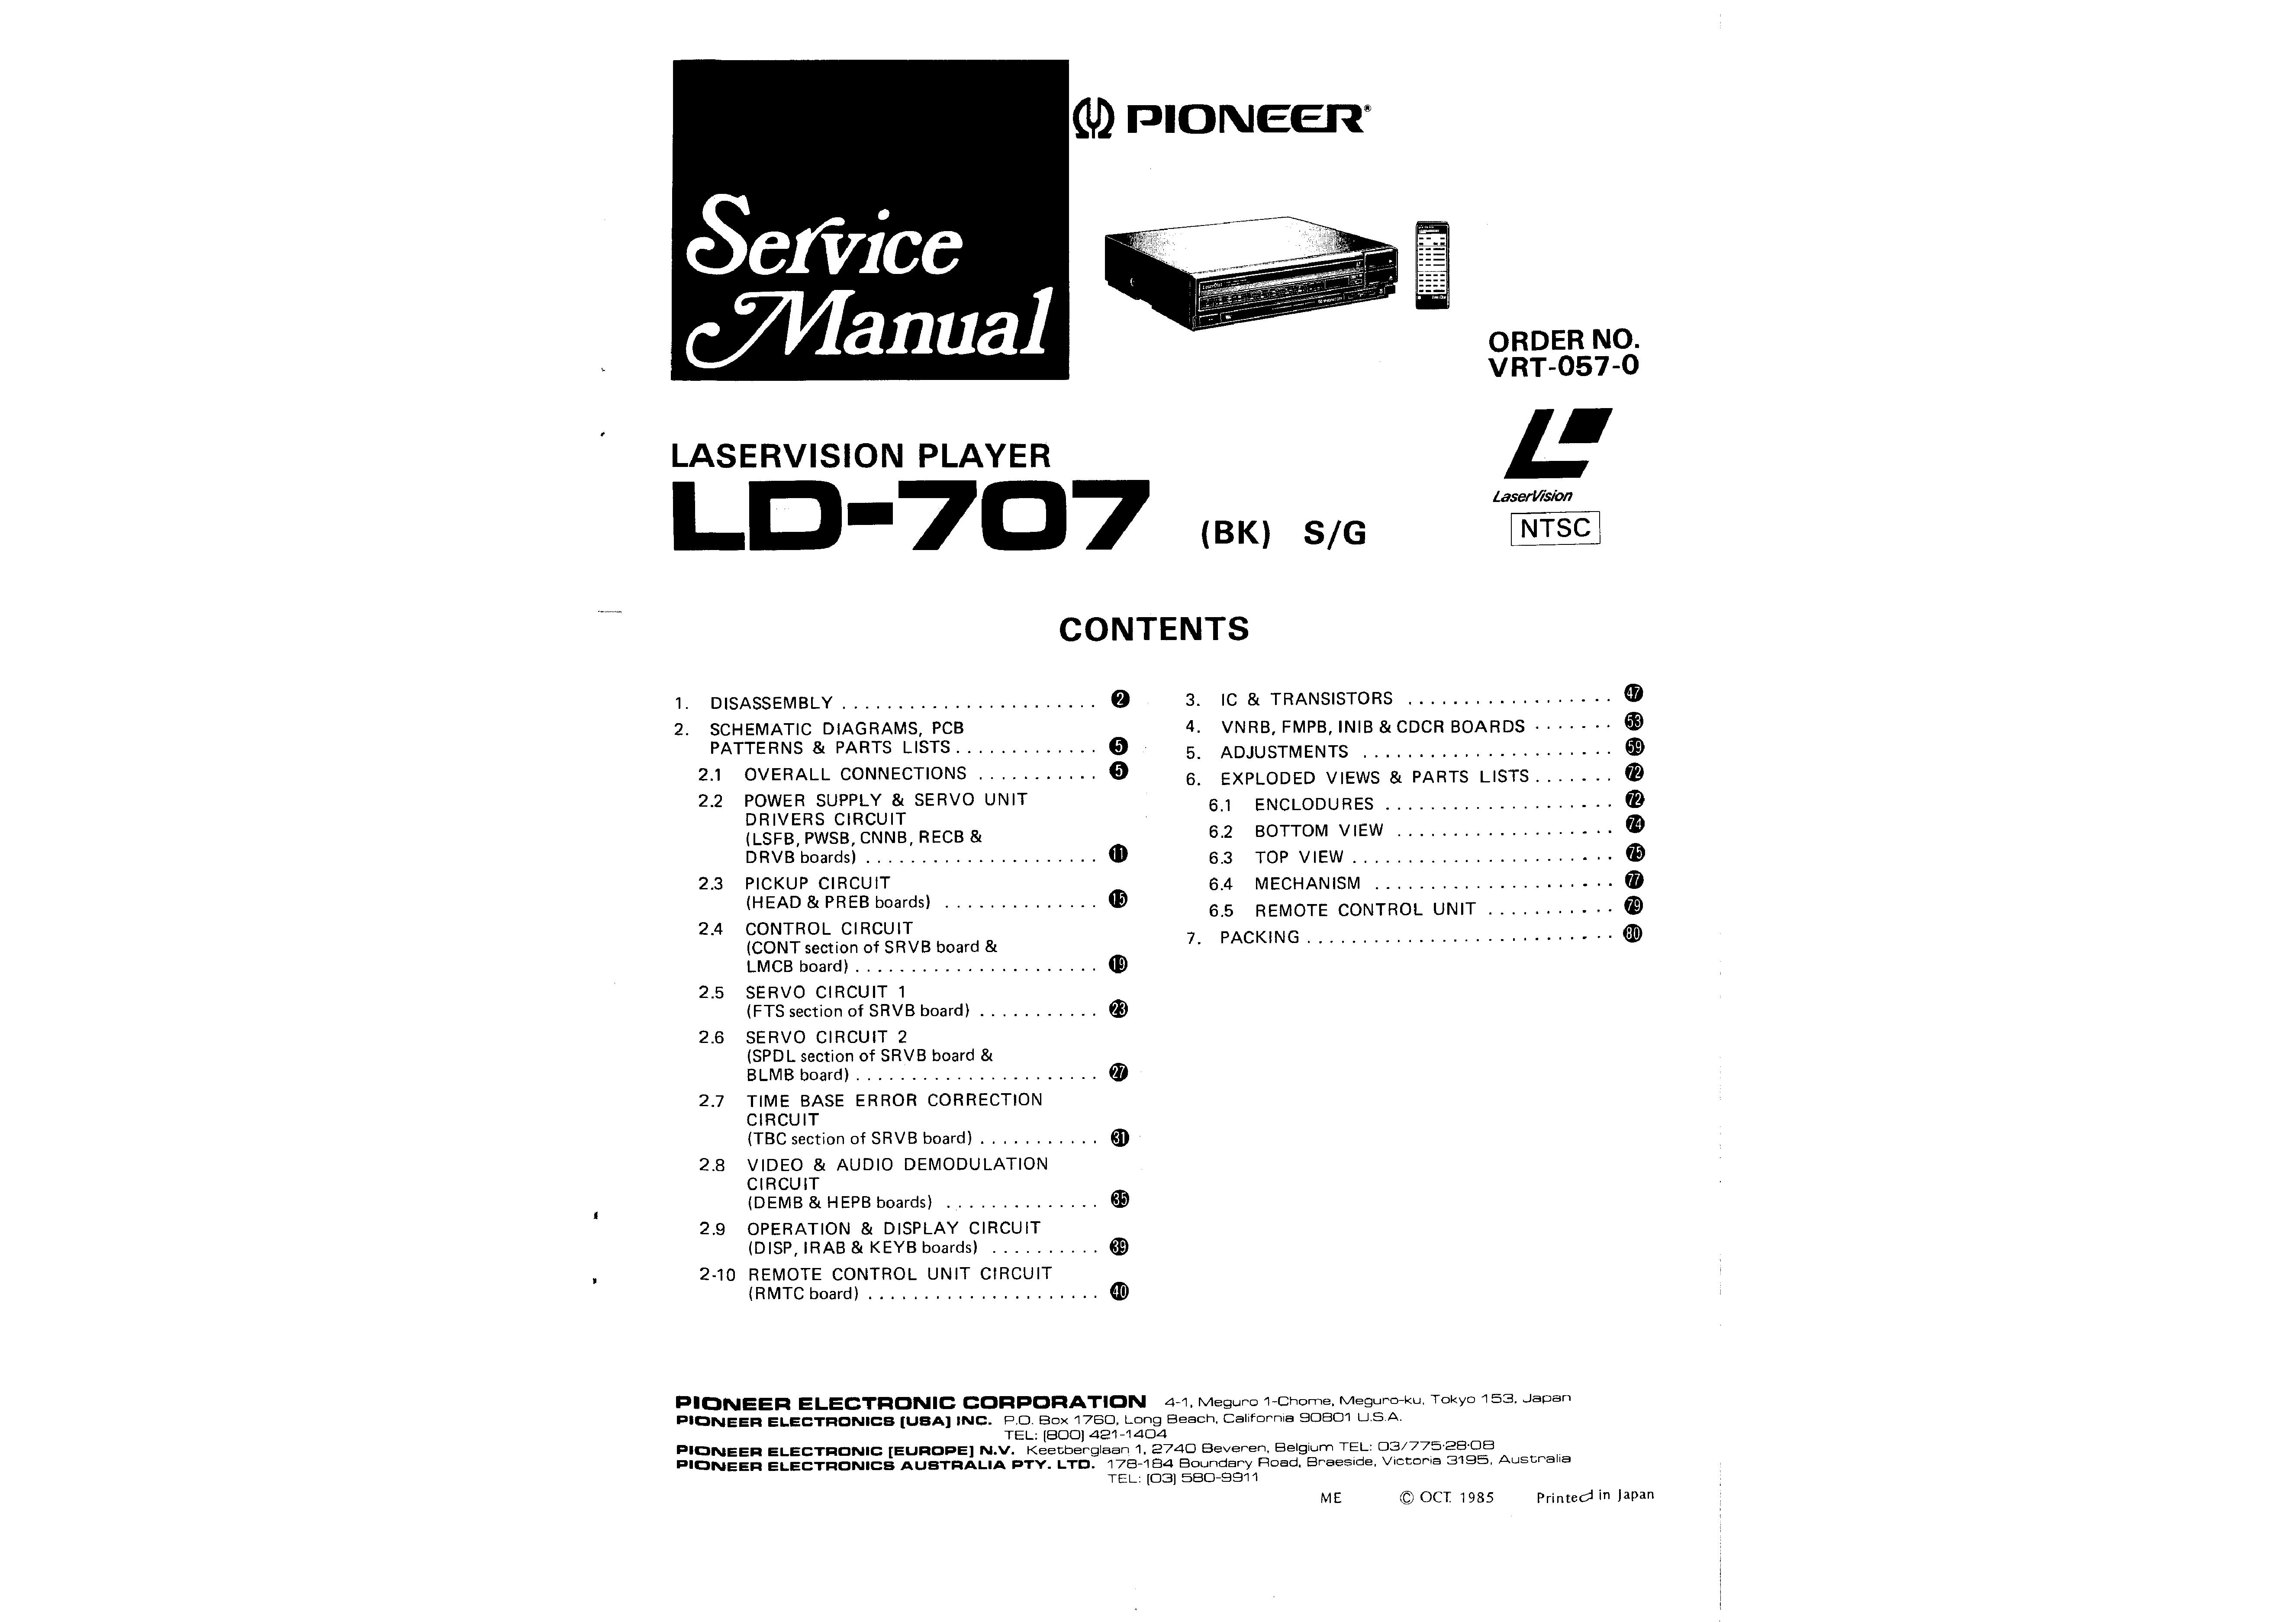 инструкция для keh-p4020r